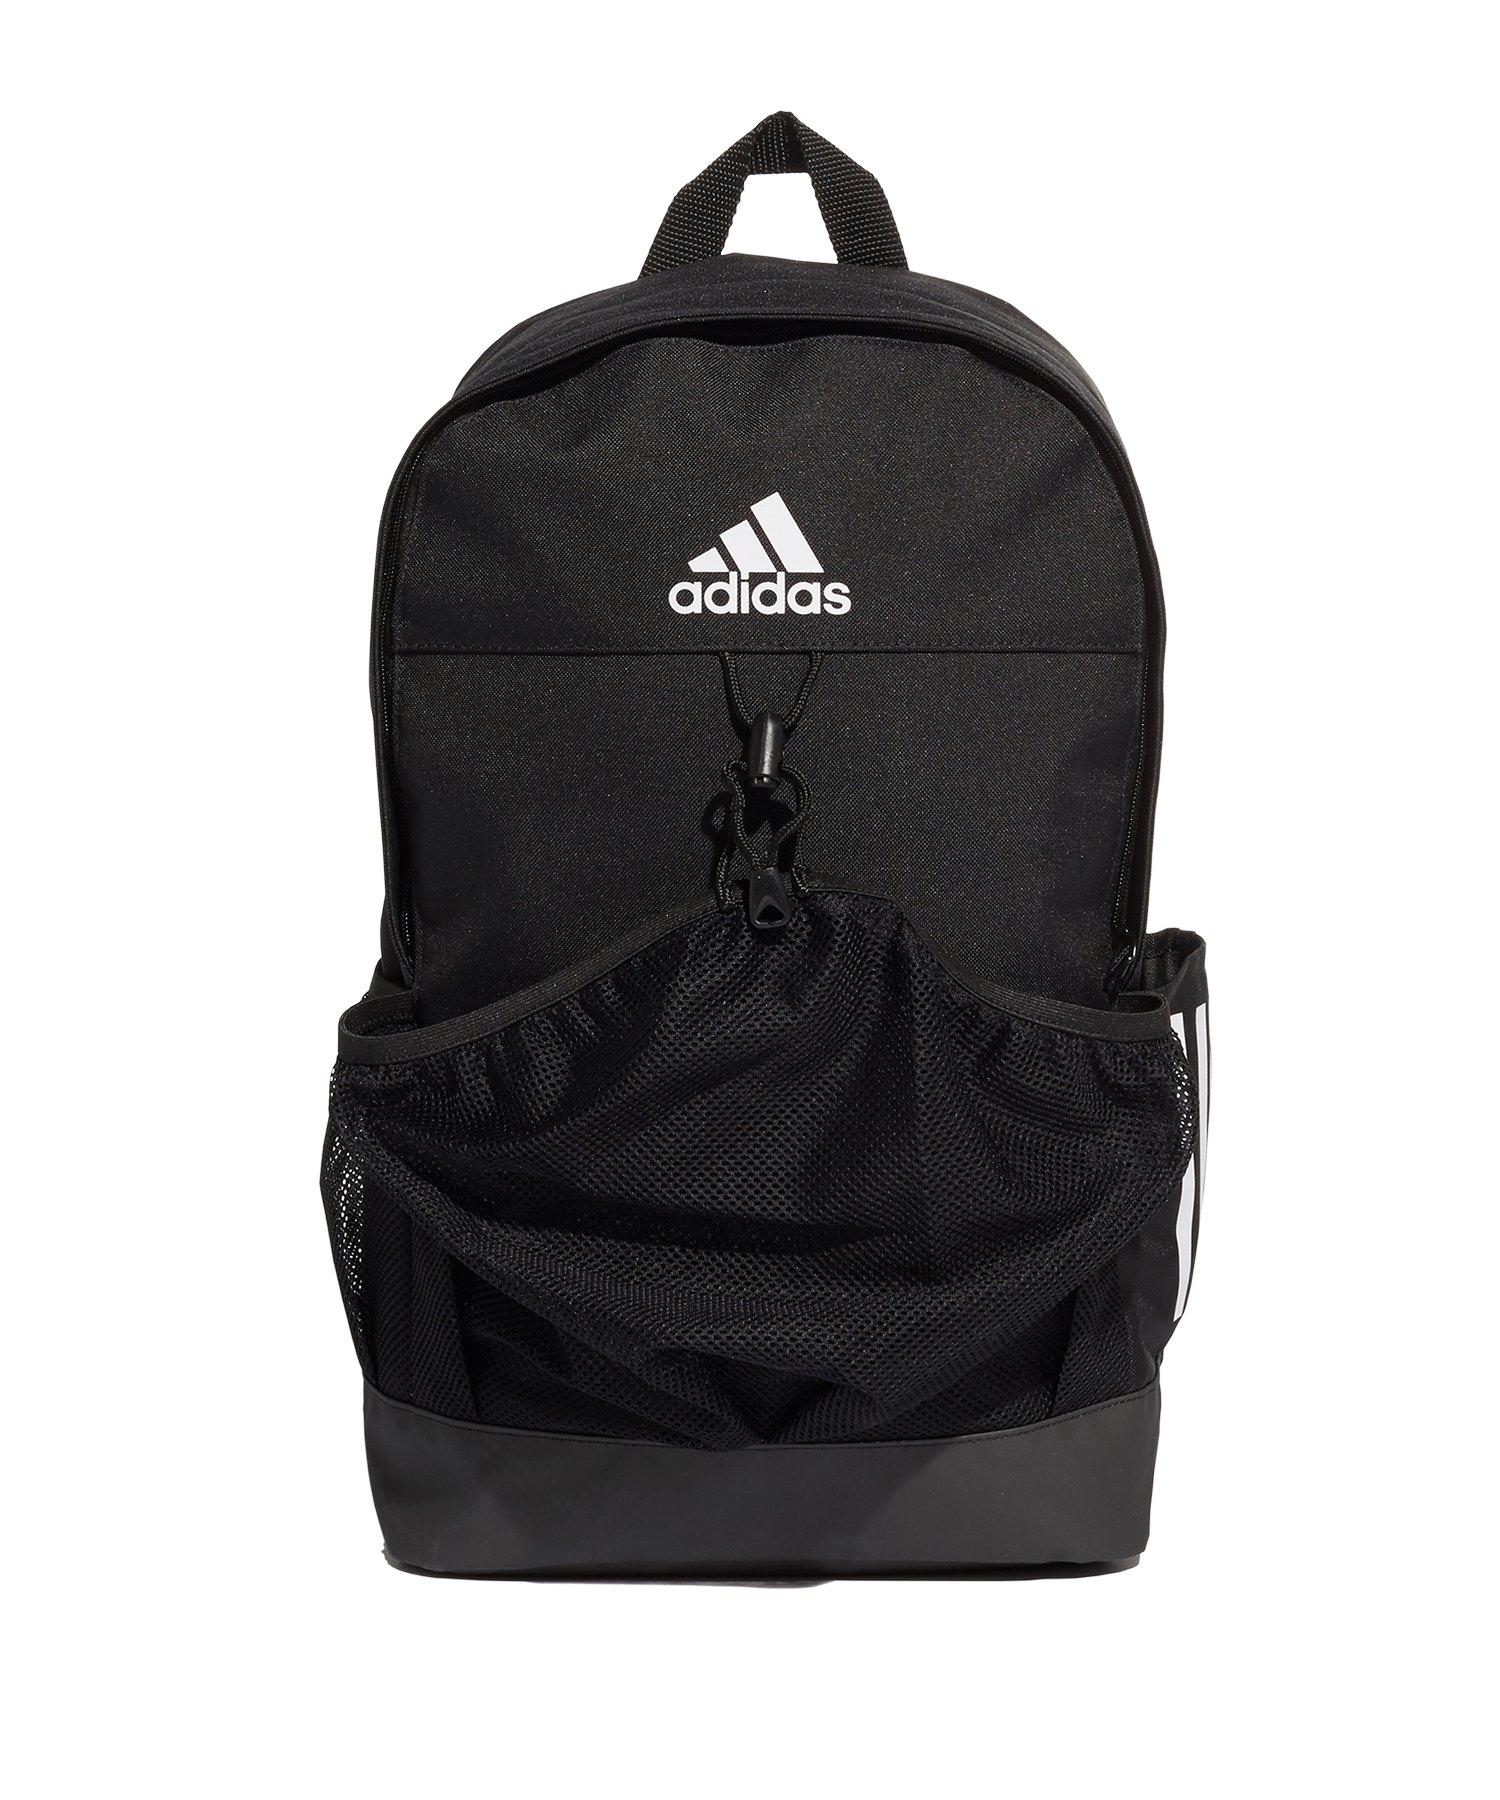 adidas Tiro Backpack BN Rucksack Schwarz Weiss - schwarz